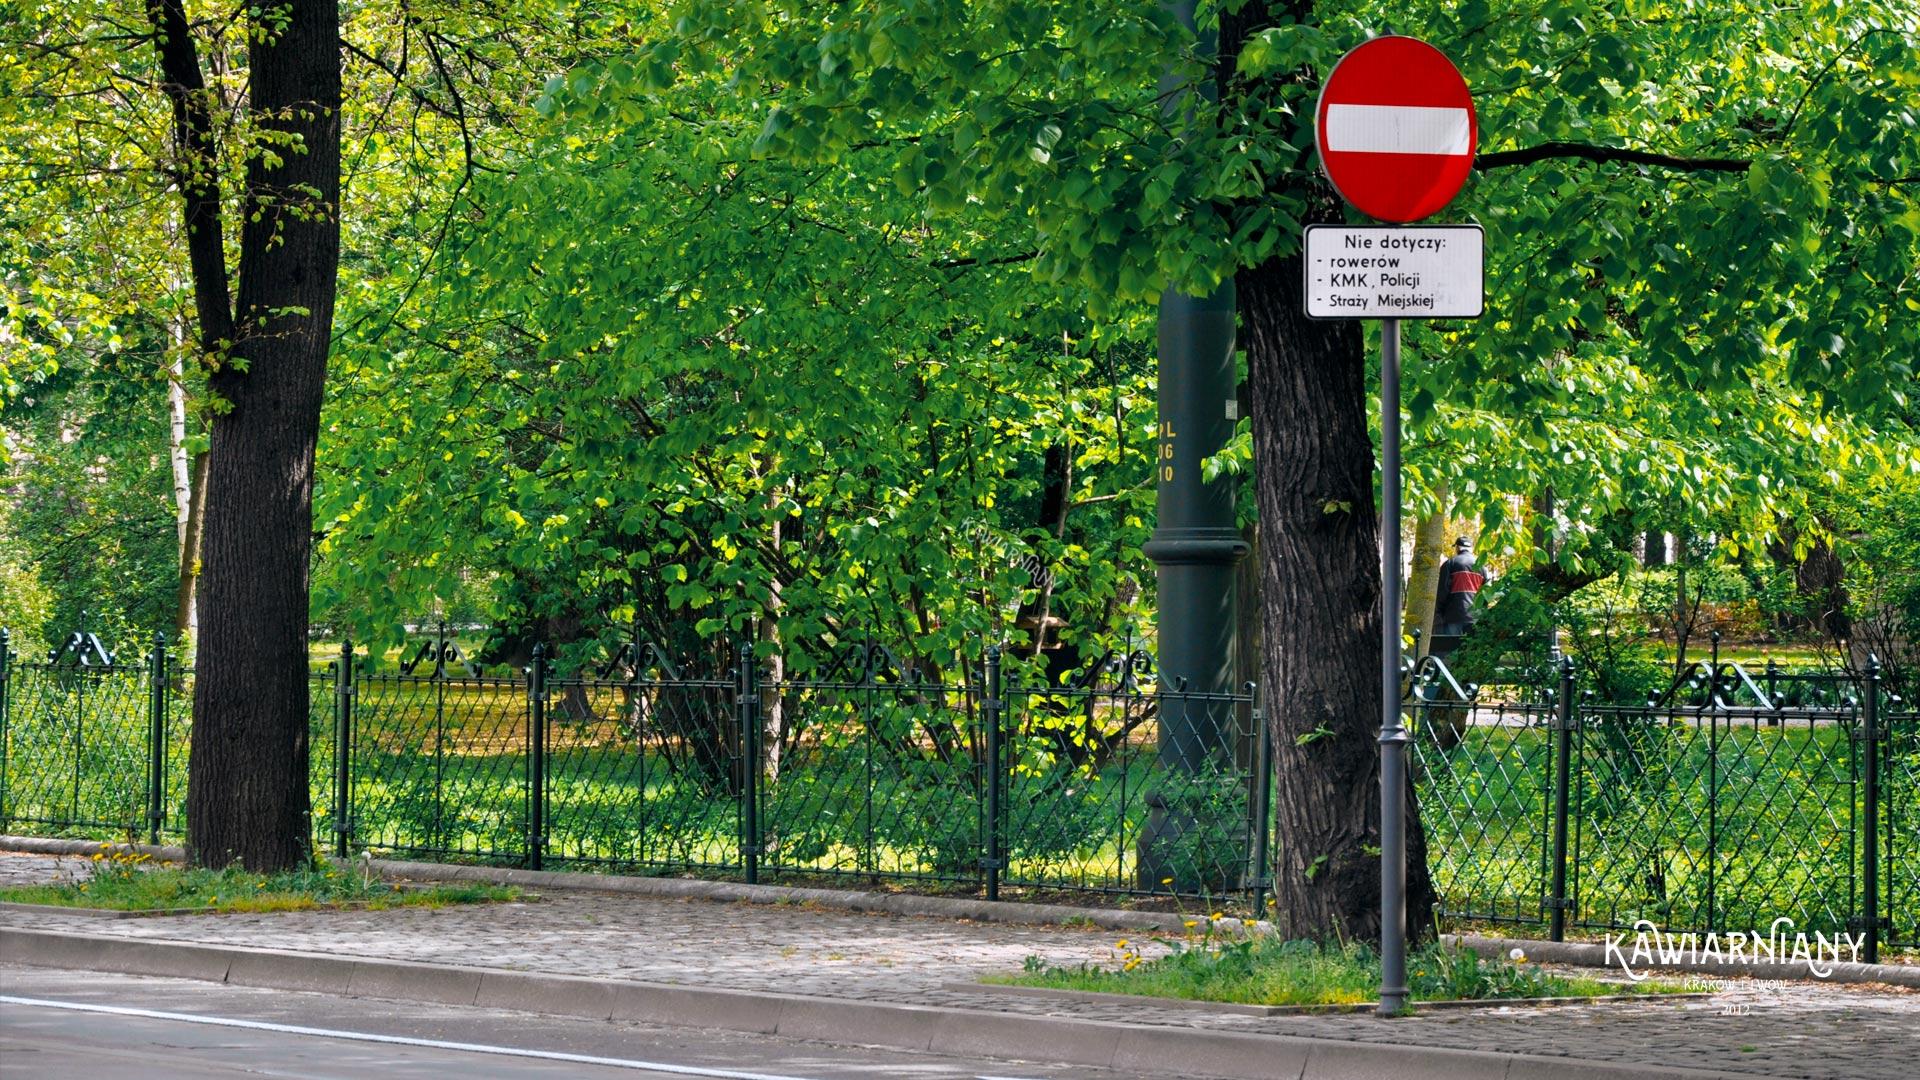 Czy do Krakowa można wjechać samochodem? Czy można do centrum?